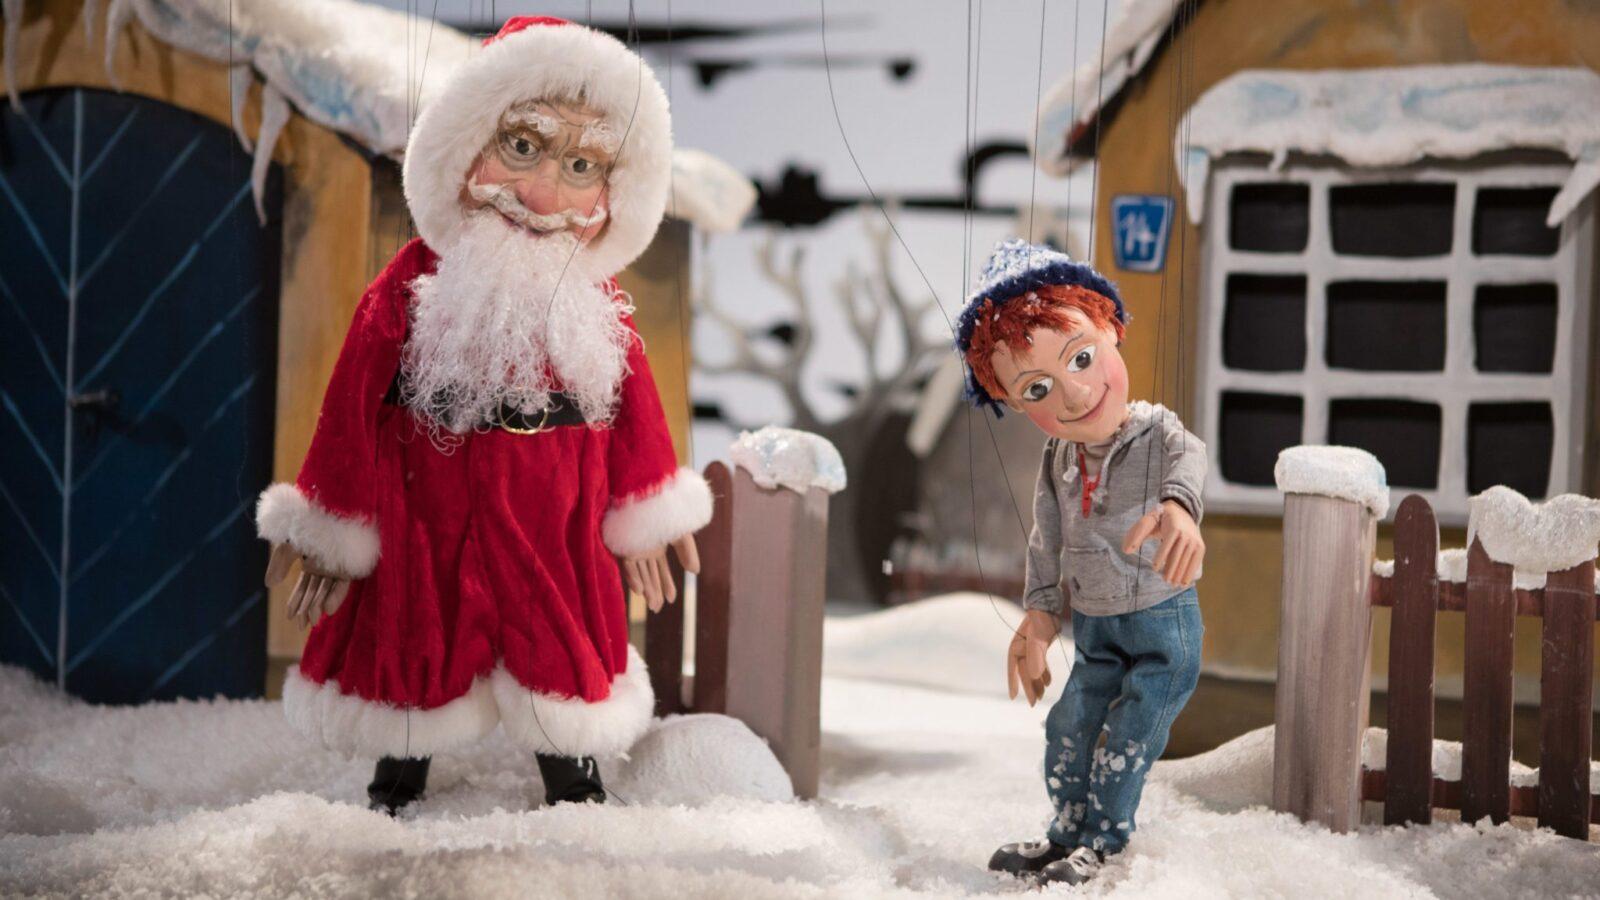 Kinostart: Als der Weihnachtsmann vom Himmel fiel